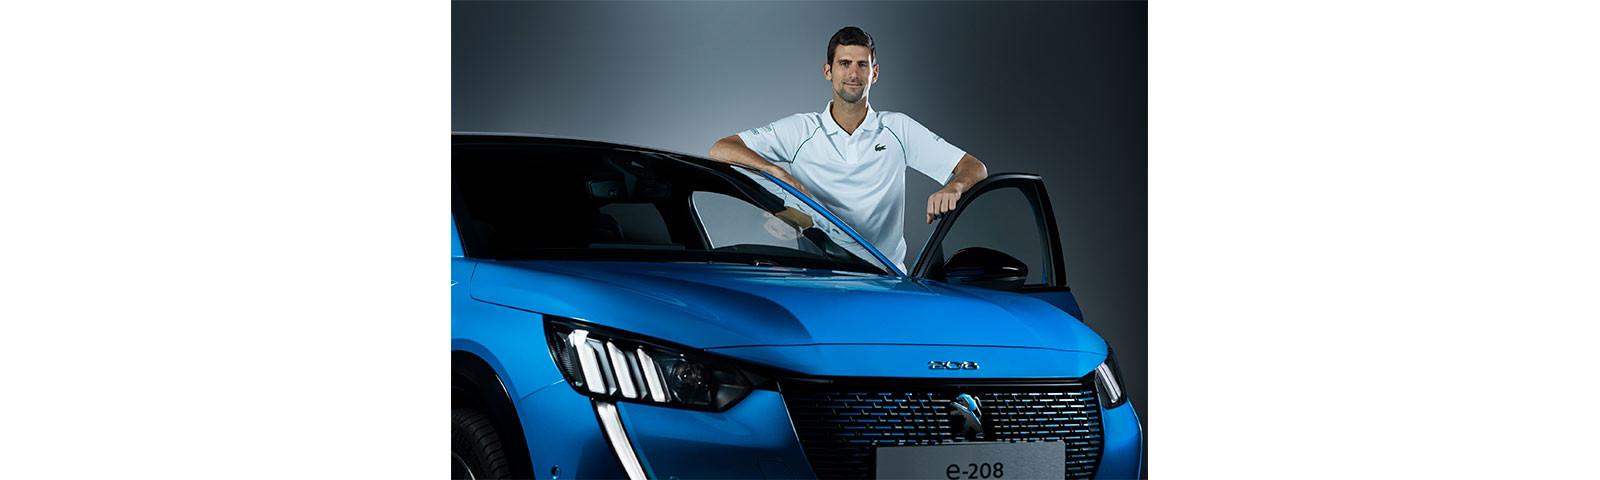 PEUGEOT, protagonista de la reducción de emisiones de CO₂ del torneo de Roland-Garros 2020